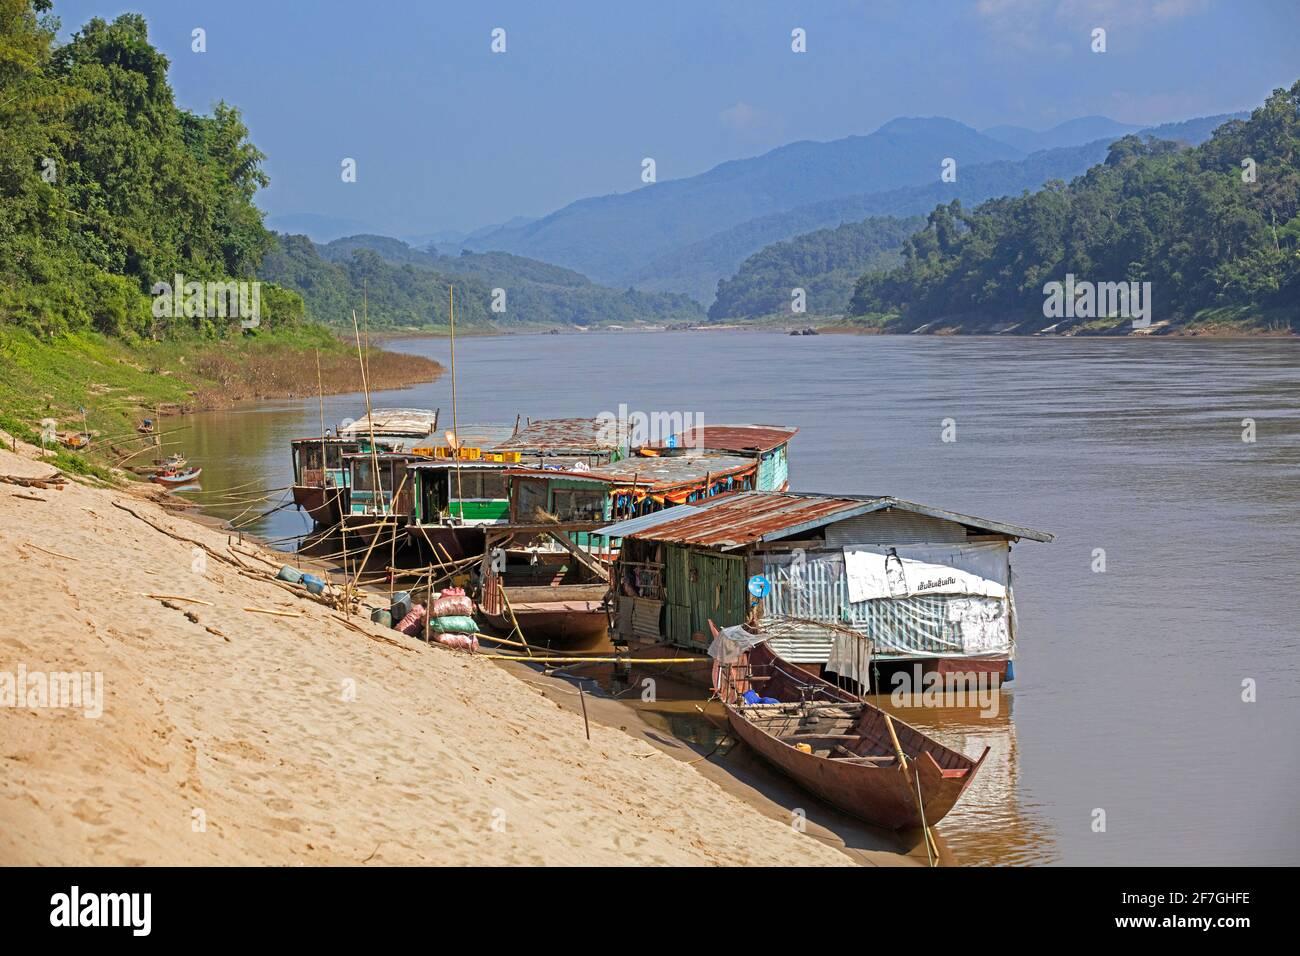 Slowboats / Slow boats pour les croisières fluviales à Luang Phabang / Luang Prabang / Louangphabang sur le Mékong au coucher du soleil, Laos Banque D'Images